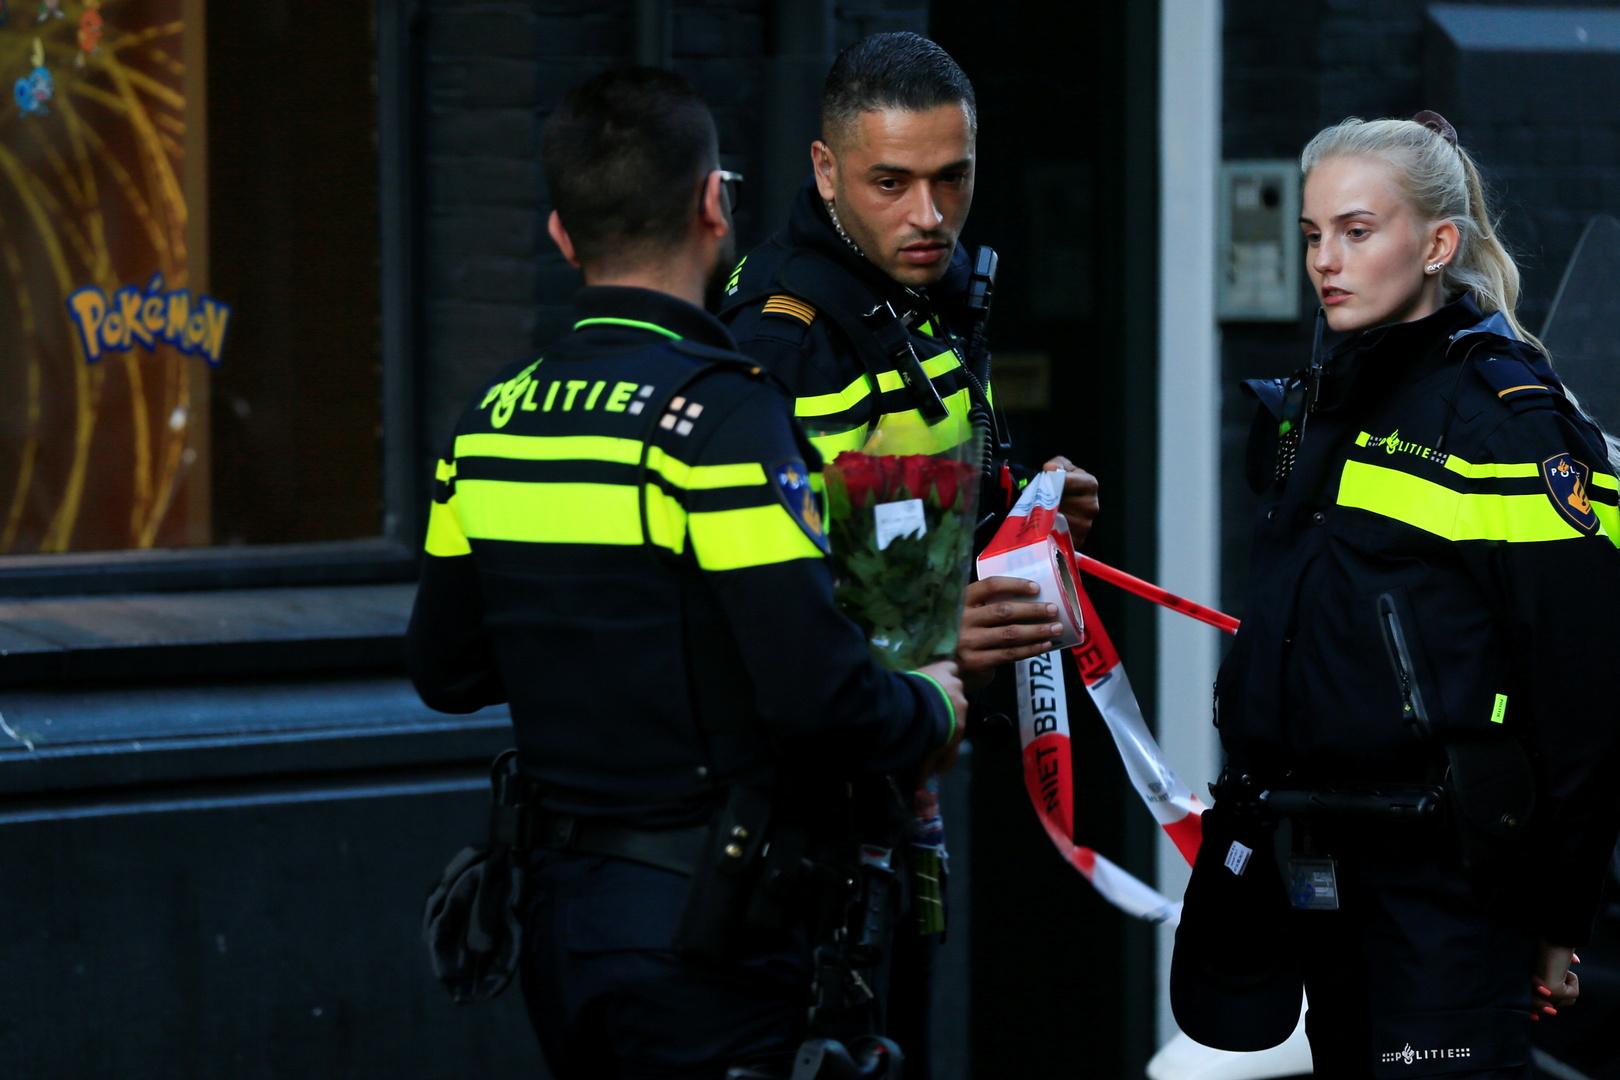 الشرطة الهولندية تفكك منشأة يمكن أن تكون أكبر مختبر لإنتاج المخدرات الصناعية